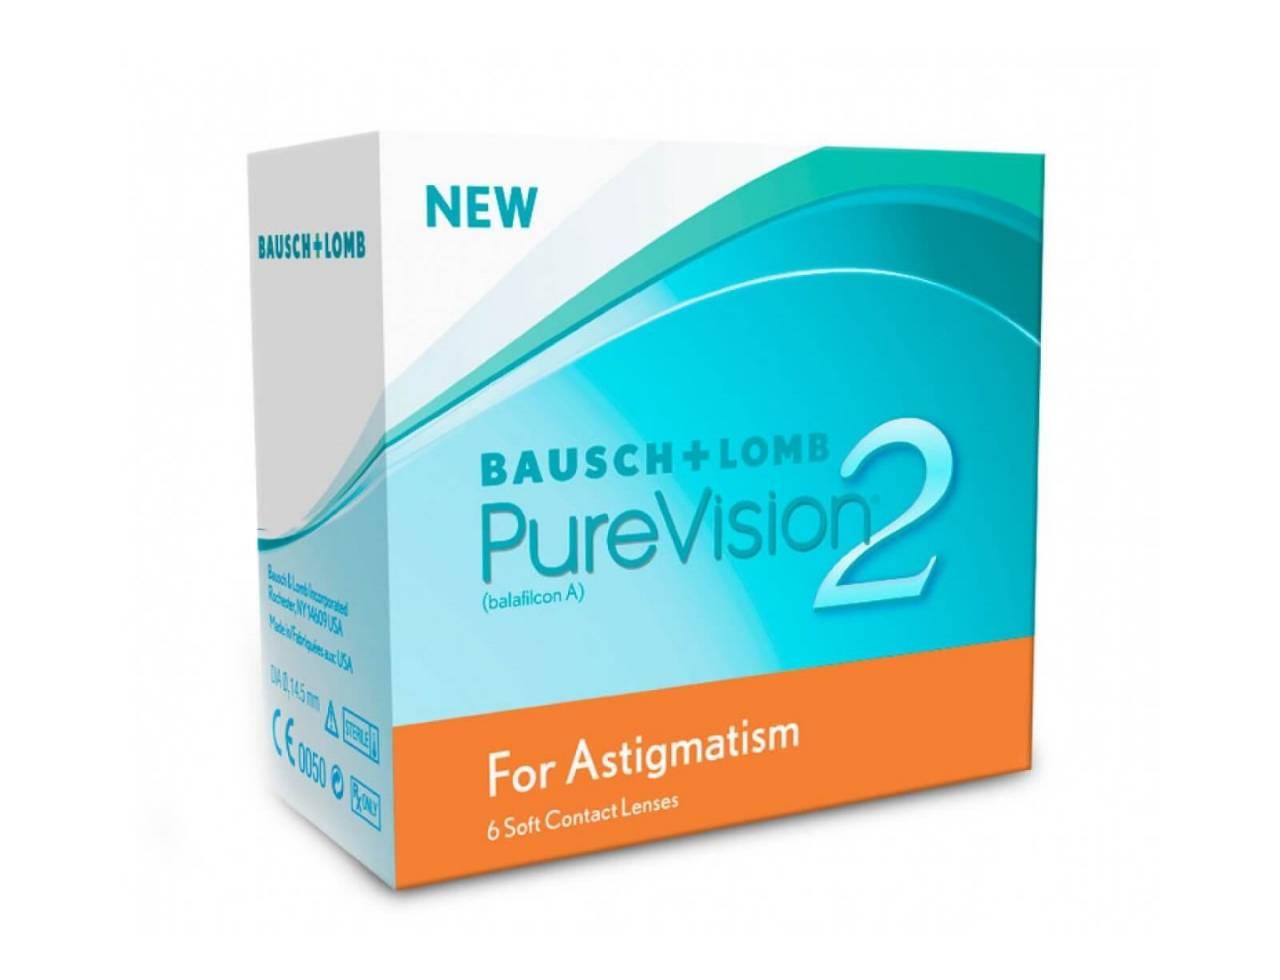 Торические контактные линзы Bausch+Lomb Pure Vision 2 For Astigmatism - Фото №7